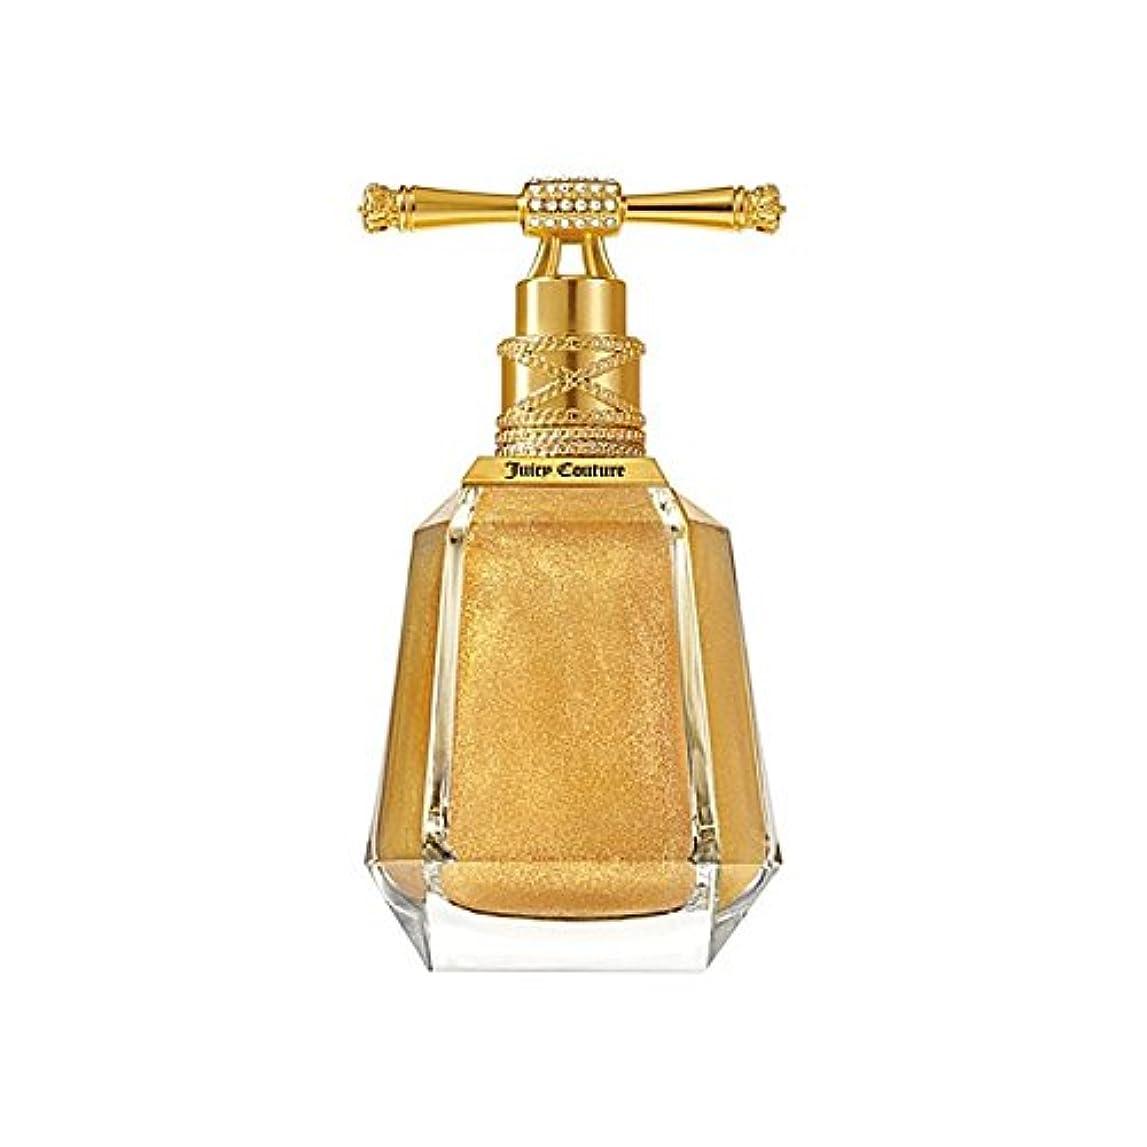 飼料アブストラクト振る舞うJuicy Couture Dry Oil Shimmer Mist 100ml - ジューシークチュールドライオイルきらめきミスト100ミリリットル [並行輸入品]